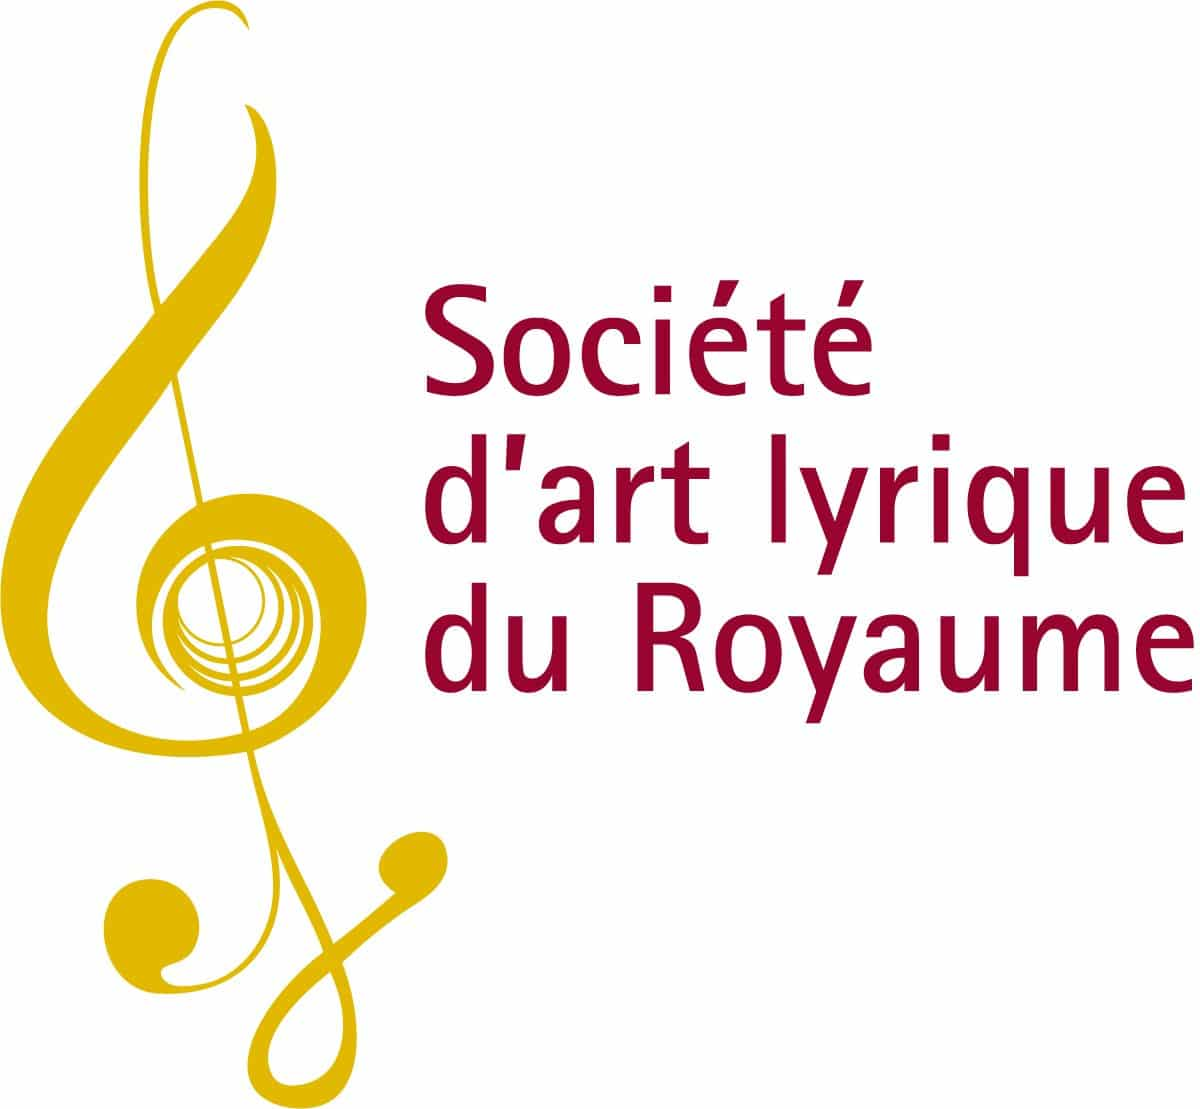 Société Art Lyrique du Royaume version 2012 seul couleur